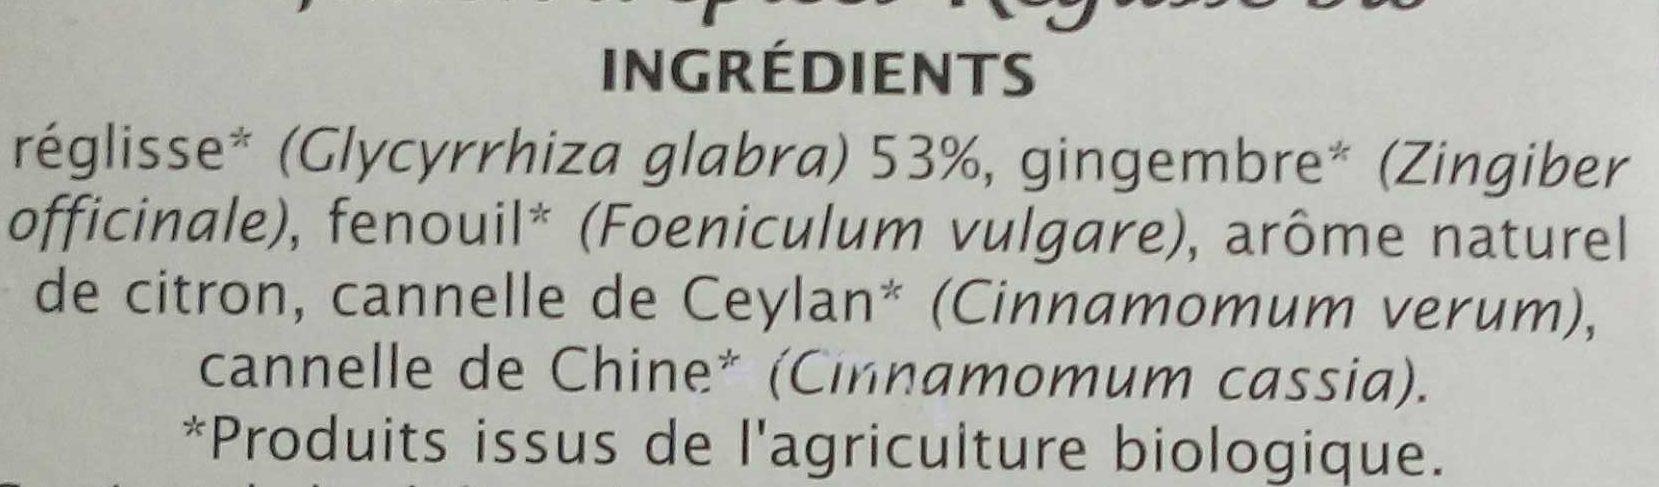 Licorice - Ingrédients